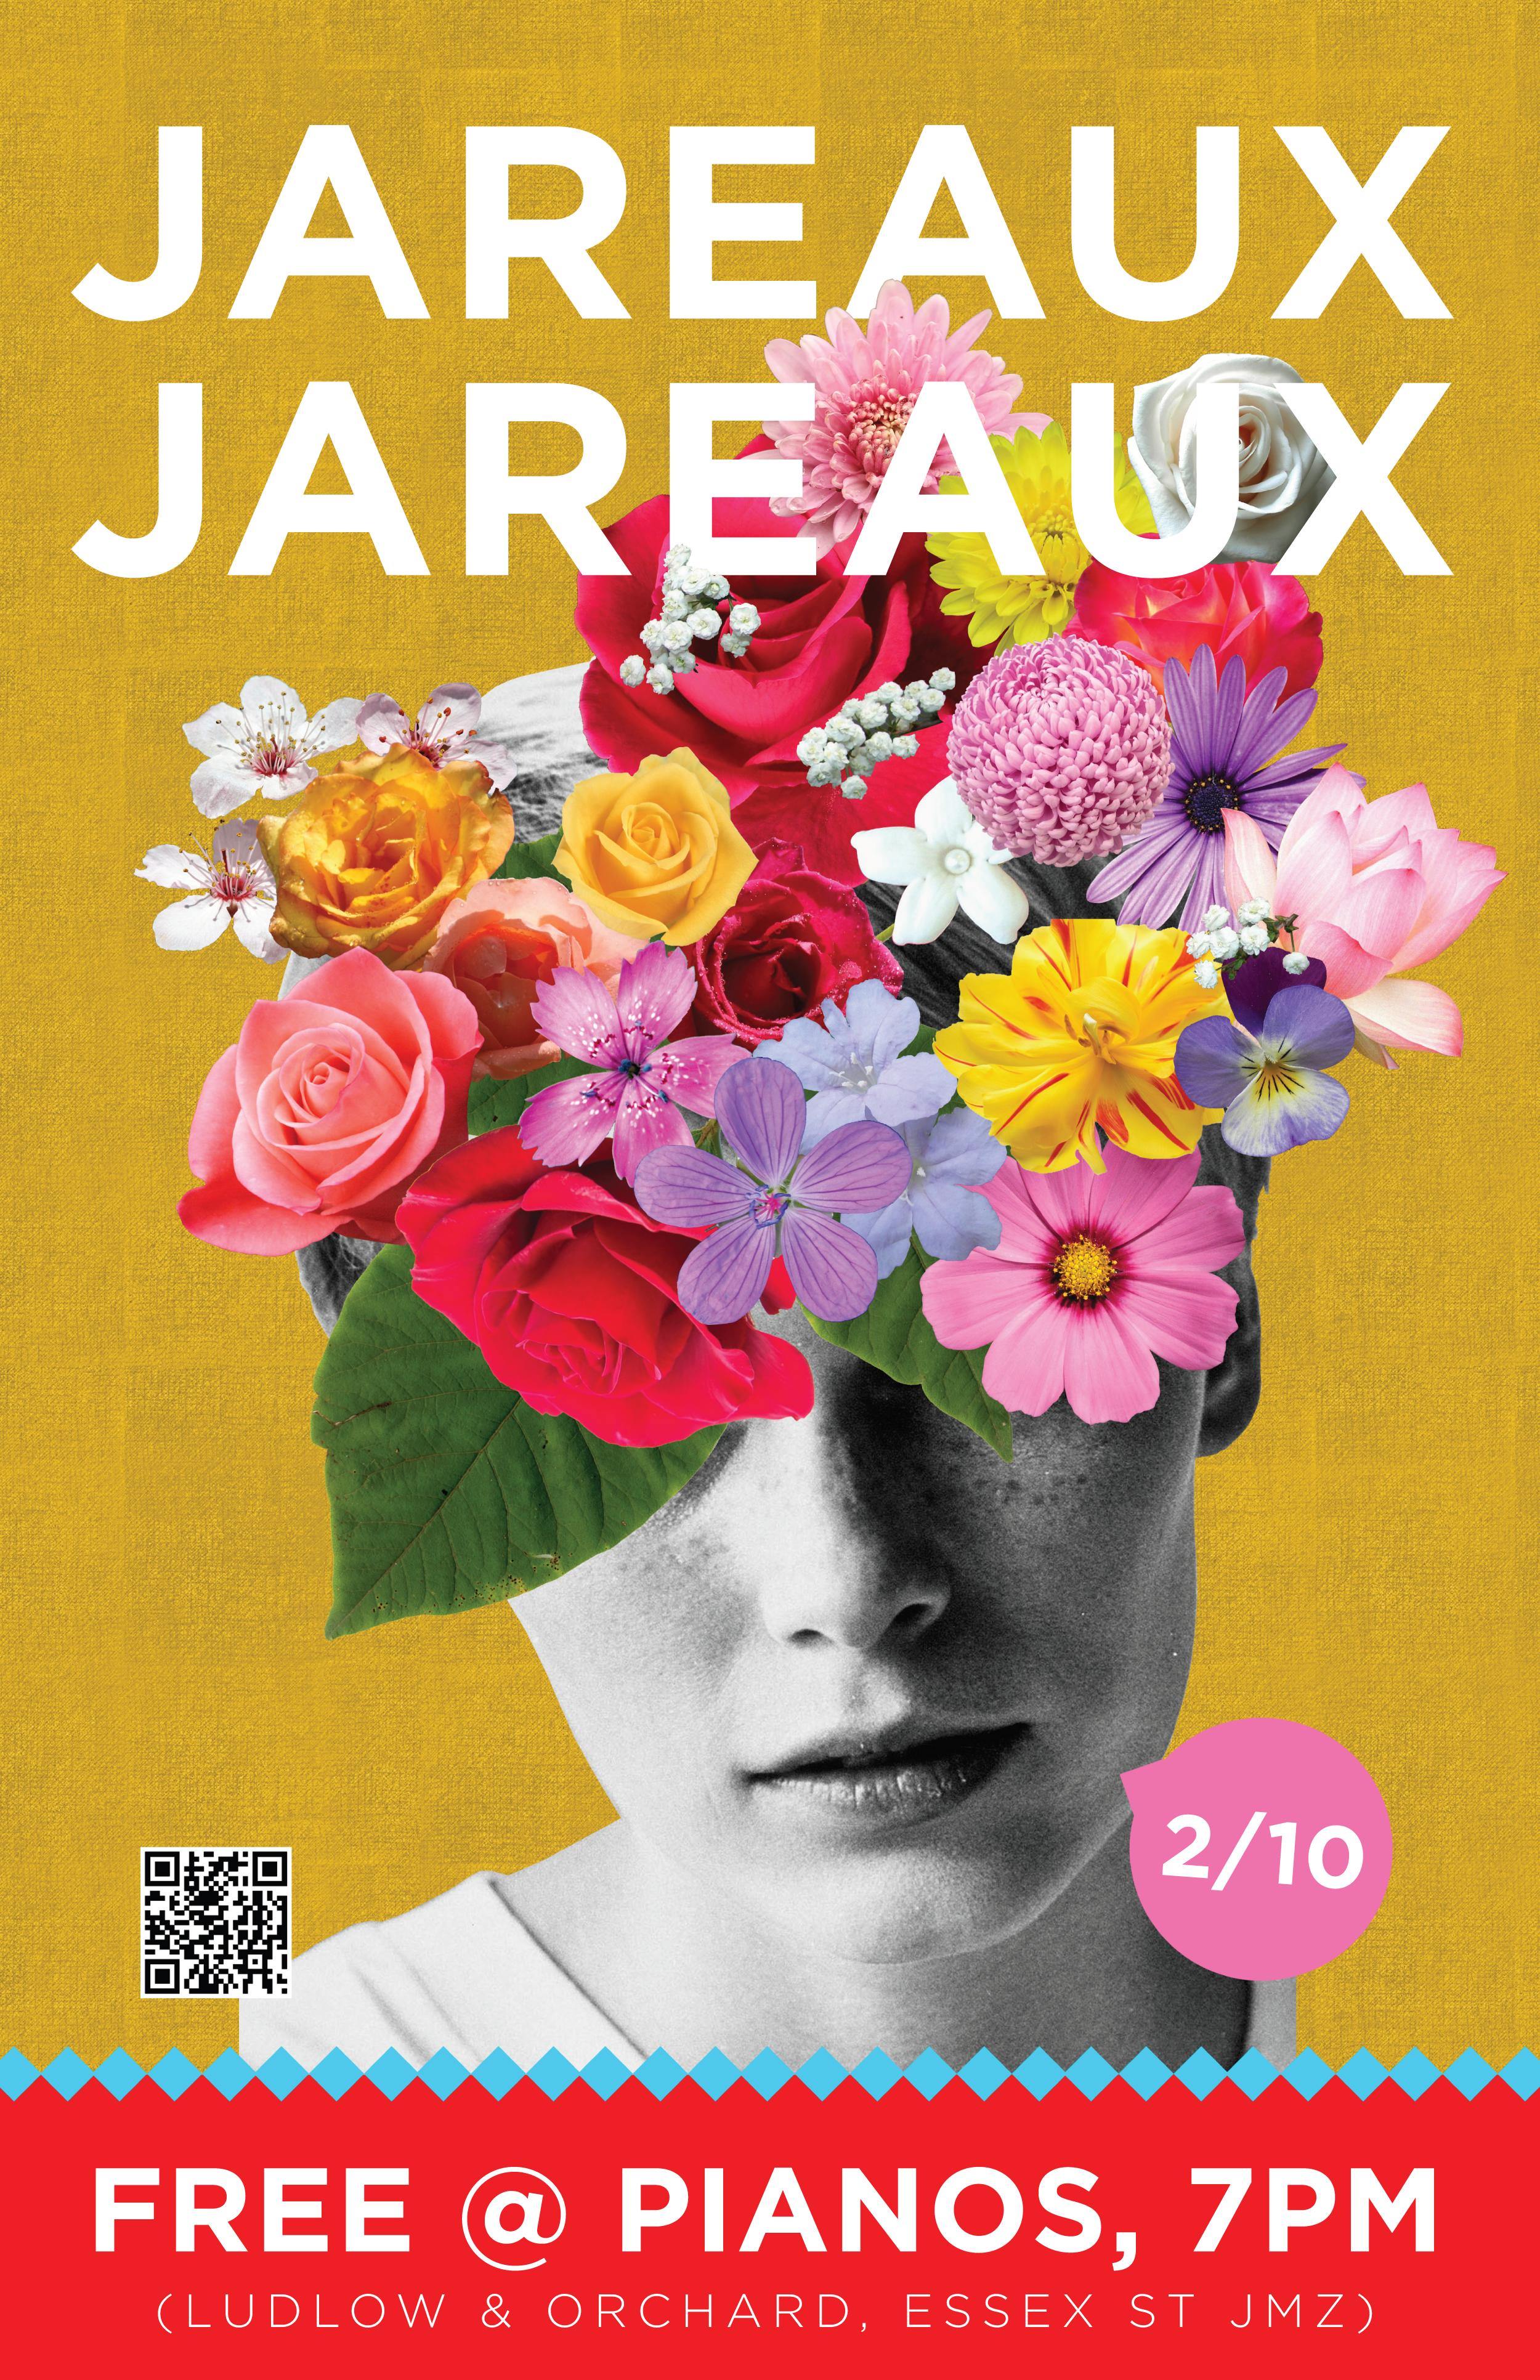 JareauxJareaux210-copy.png